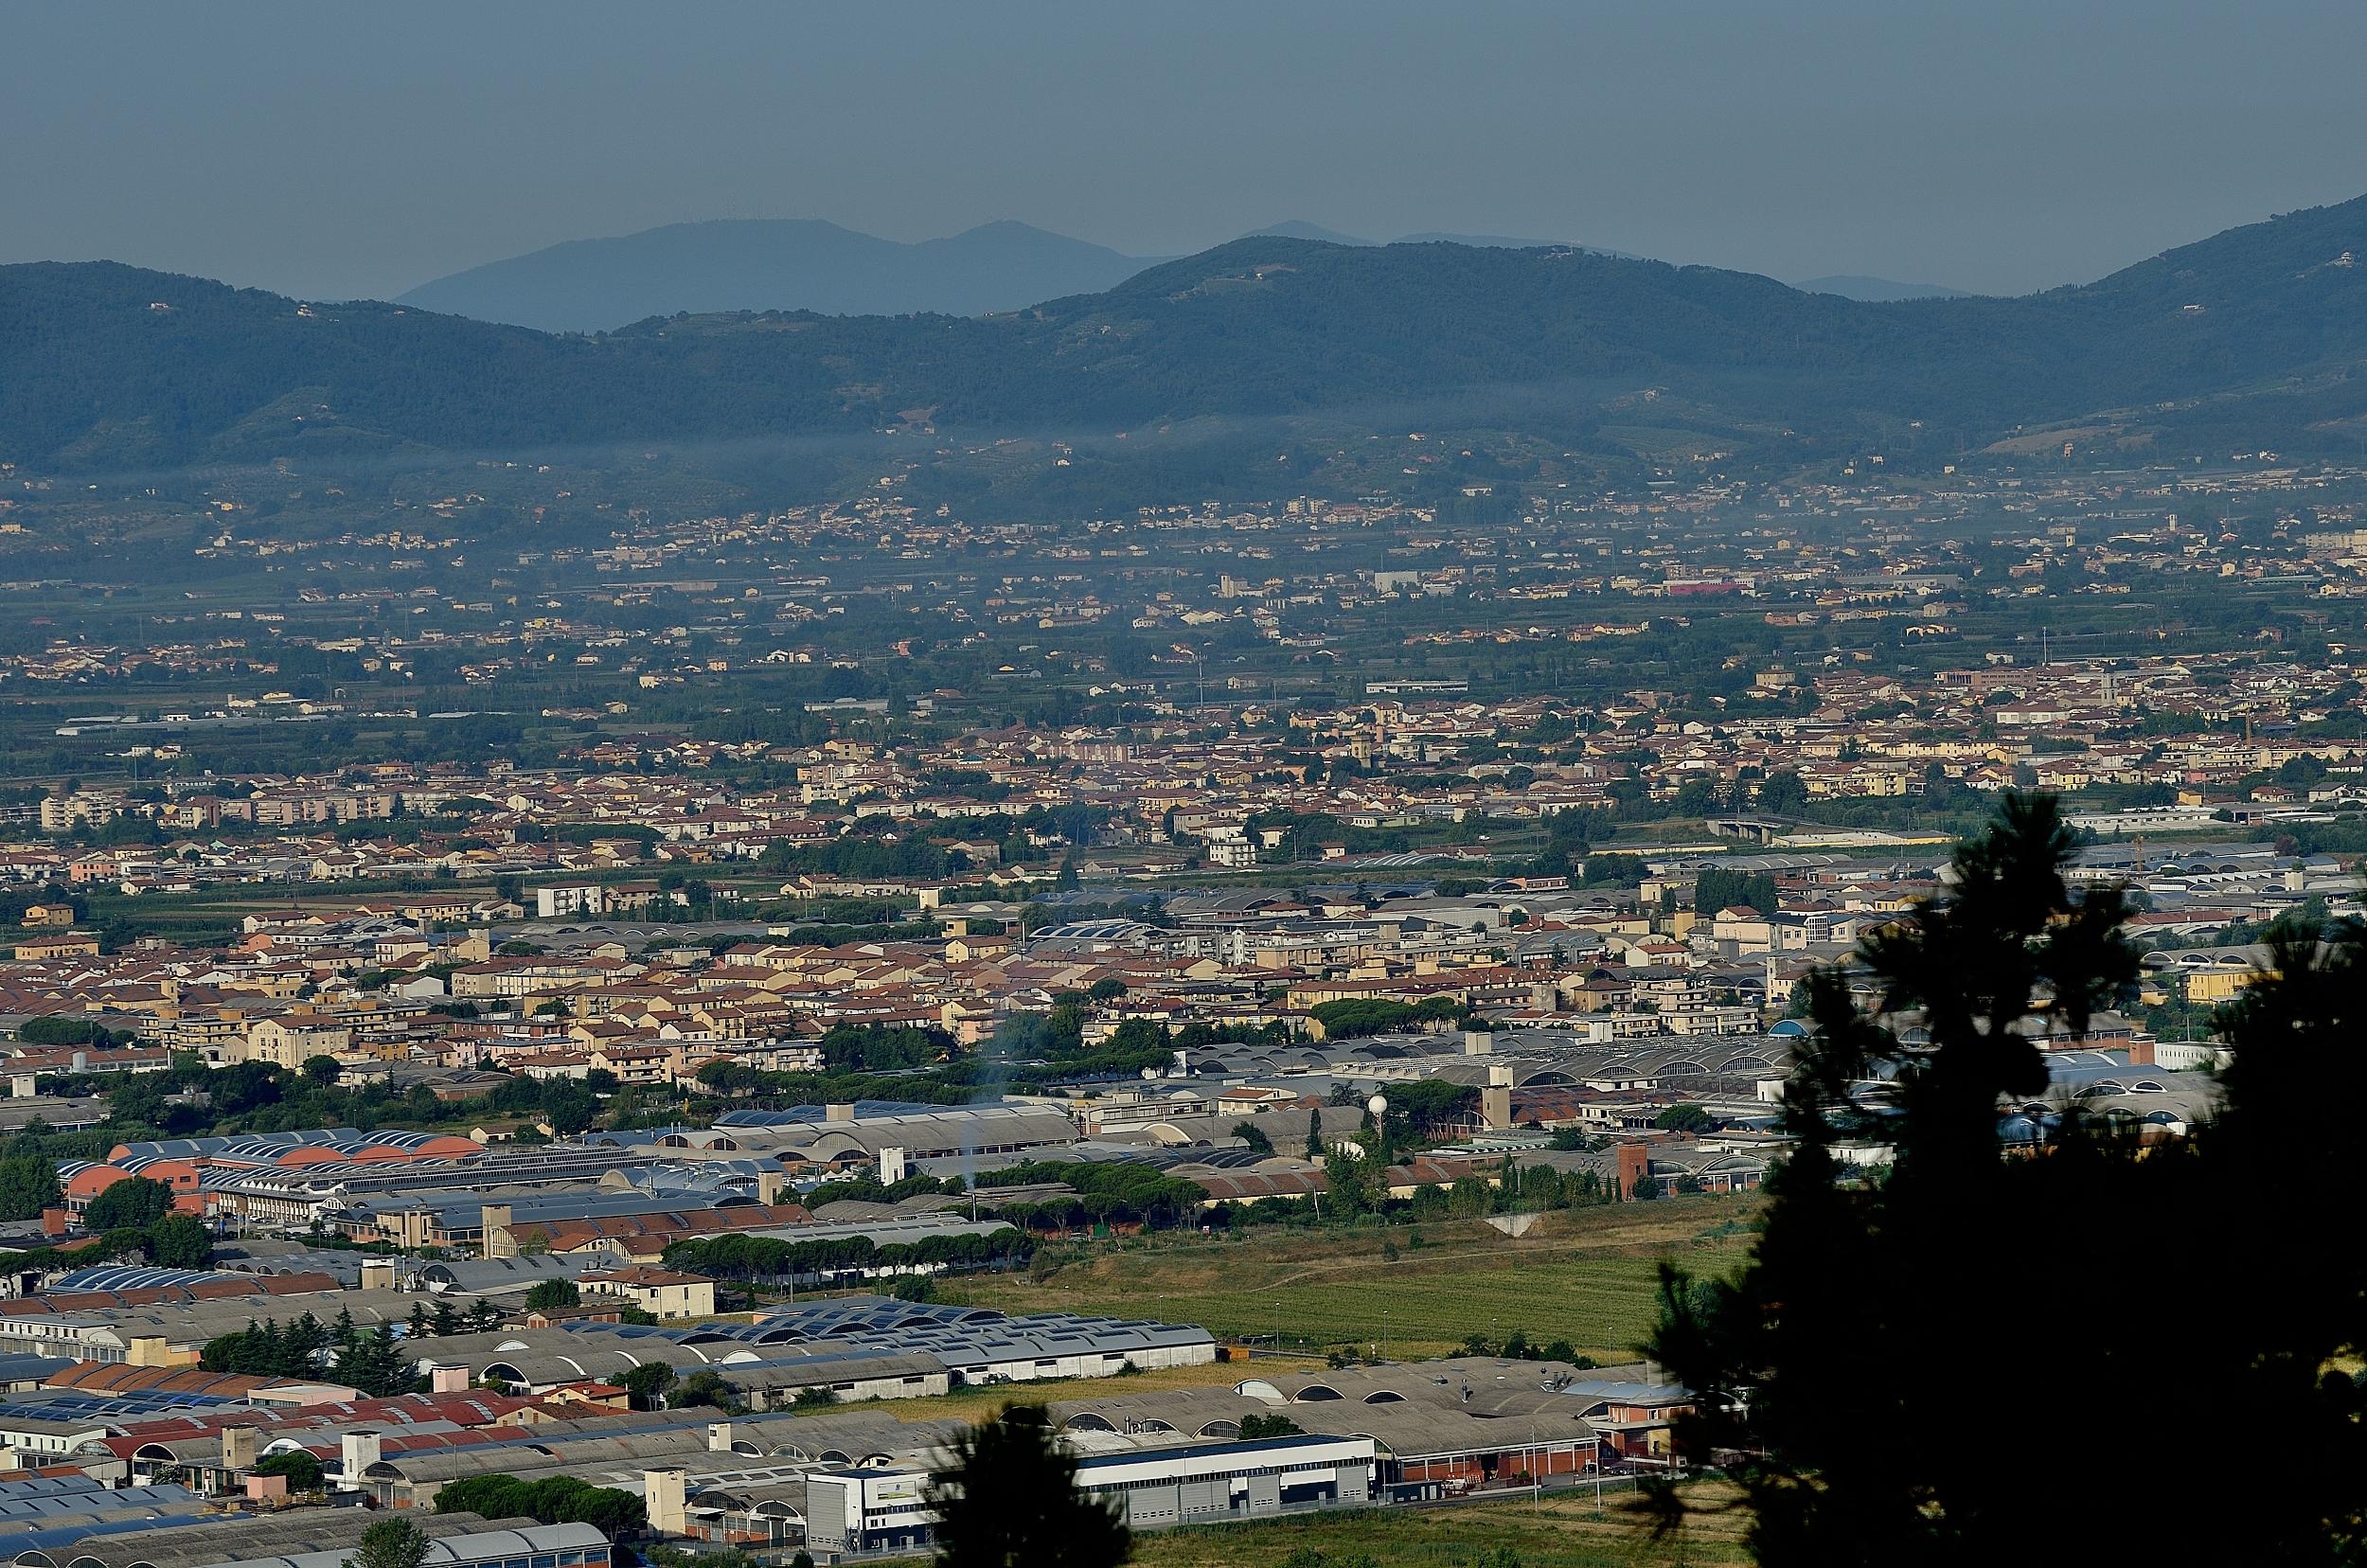 Zona industriale di Montemurlo - foto di Giuliano Meacci